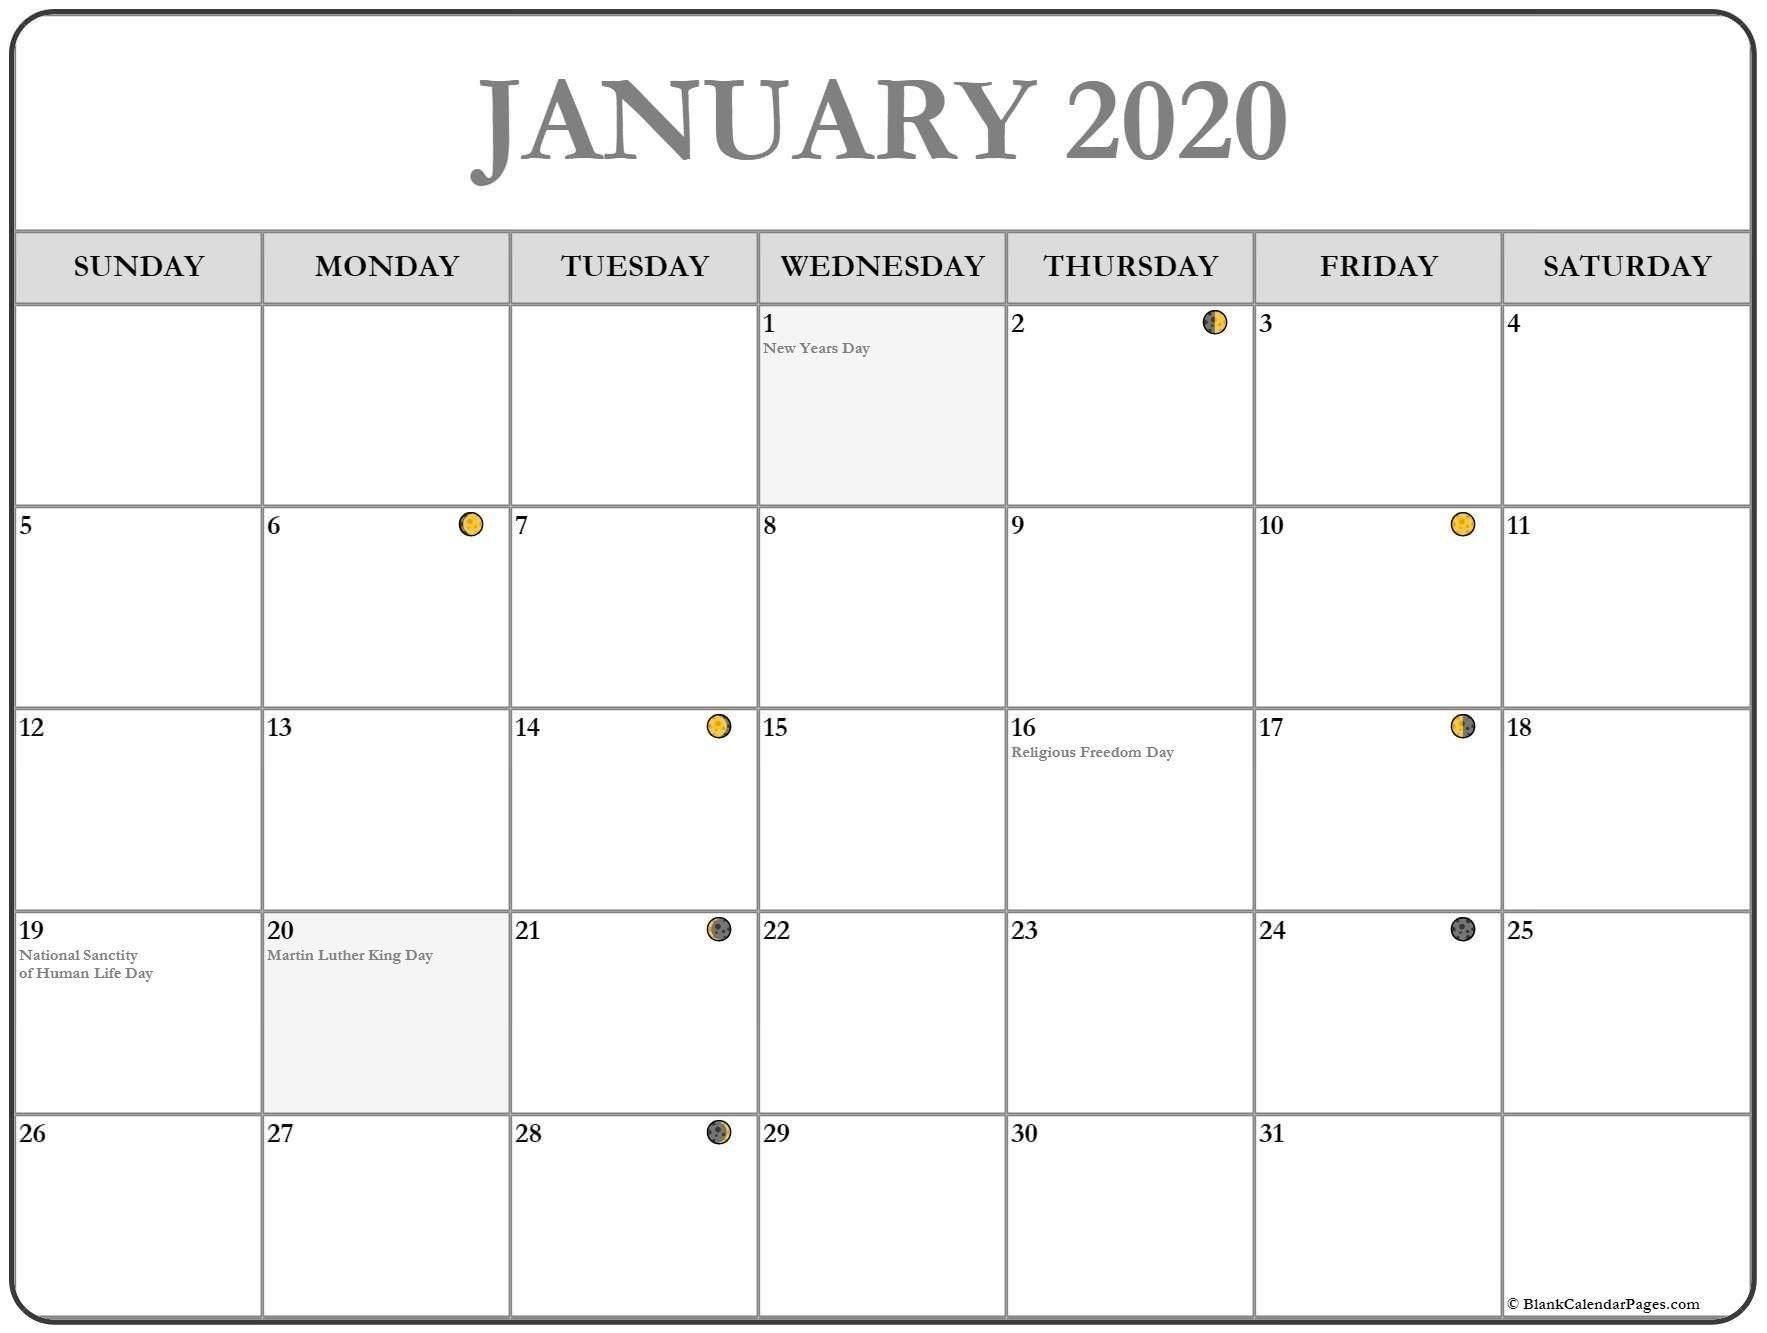 January 2020 Lunar Calendar   Monthly Calendar Template March 2020 Lunar Calendar